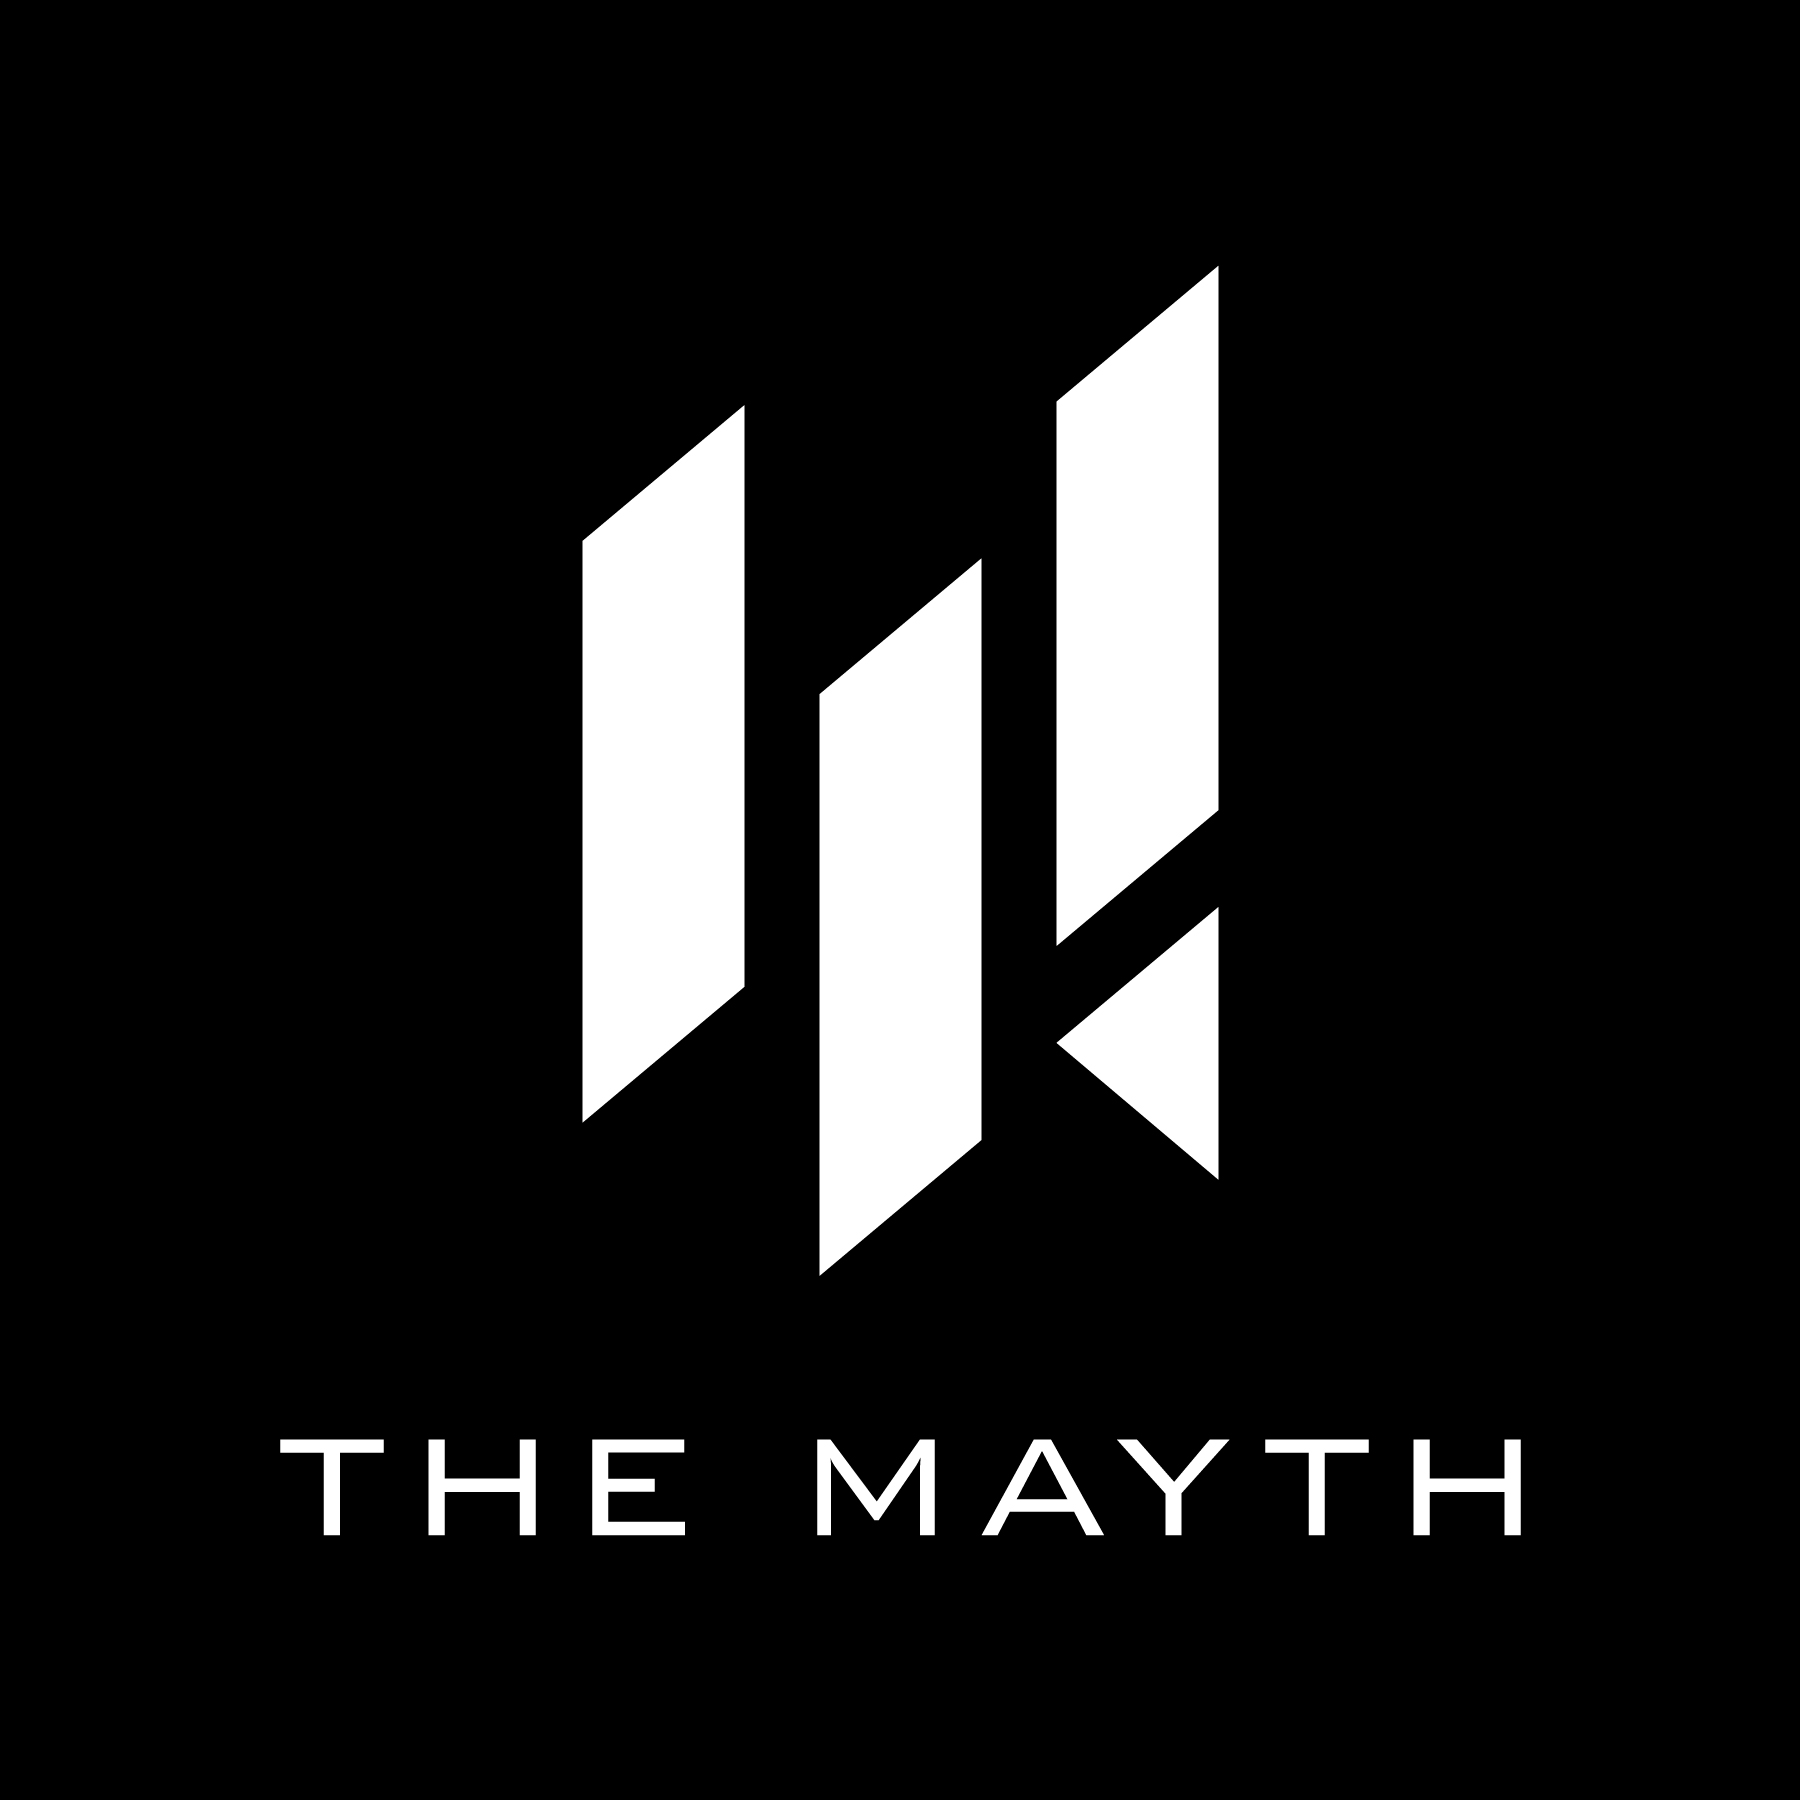 mayth,バンド,ロゴ